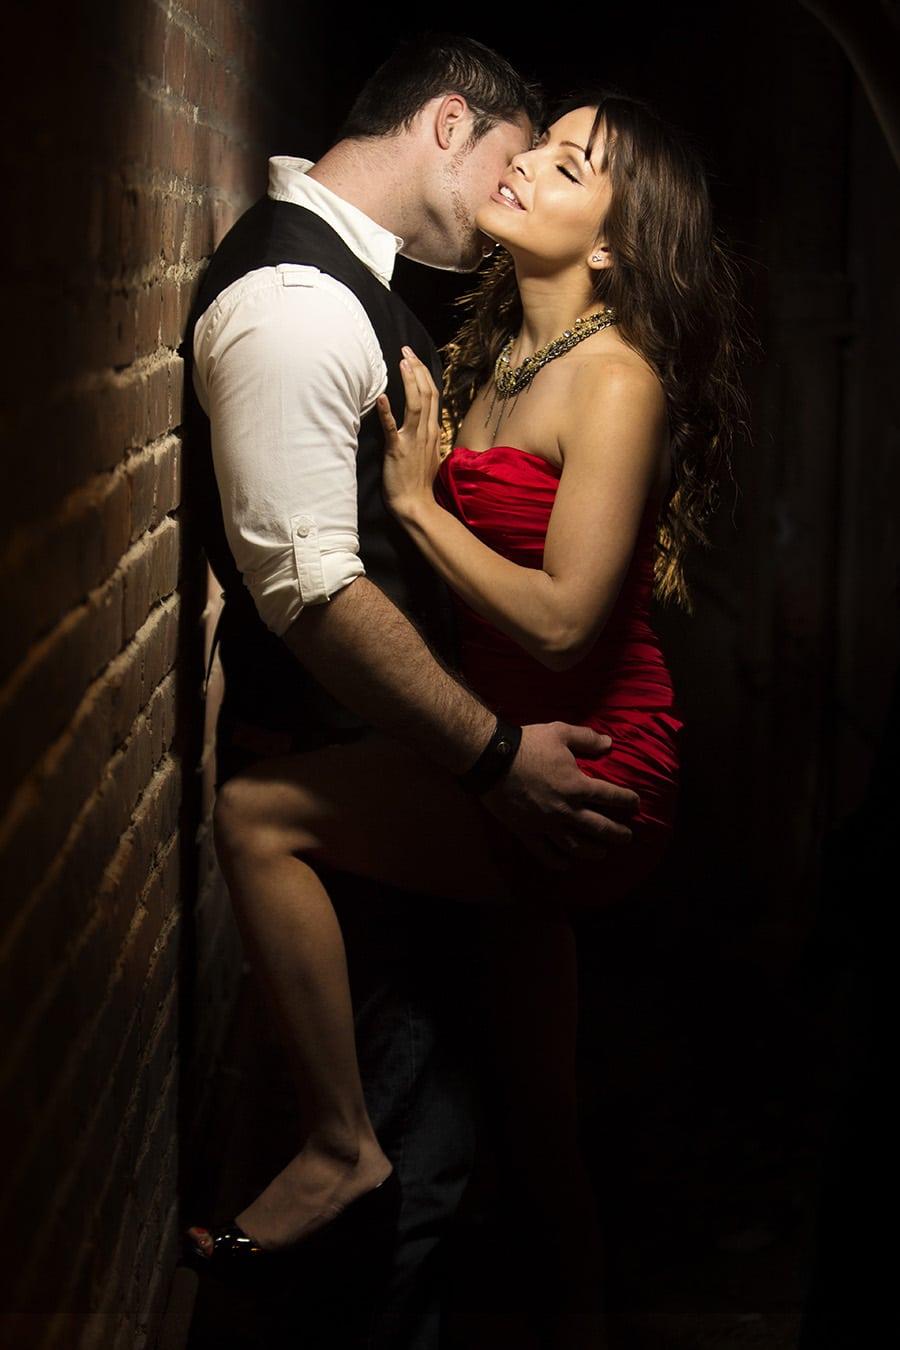 Bien Faire L Amour A Un Homme : faire, amour, homme, Comment, Faire, L'amour, Homme,, Savoir, Davantage, Article